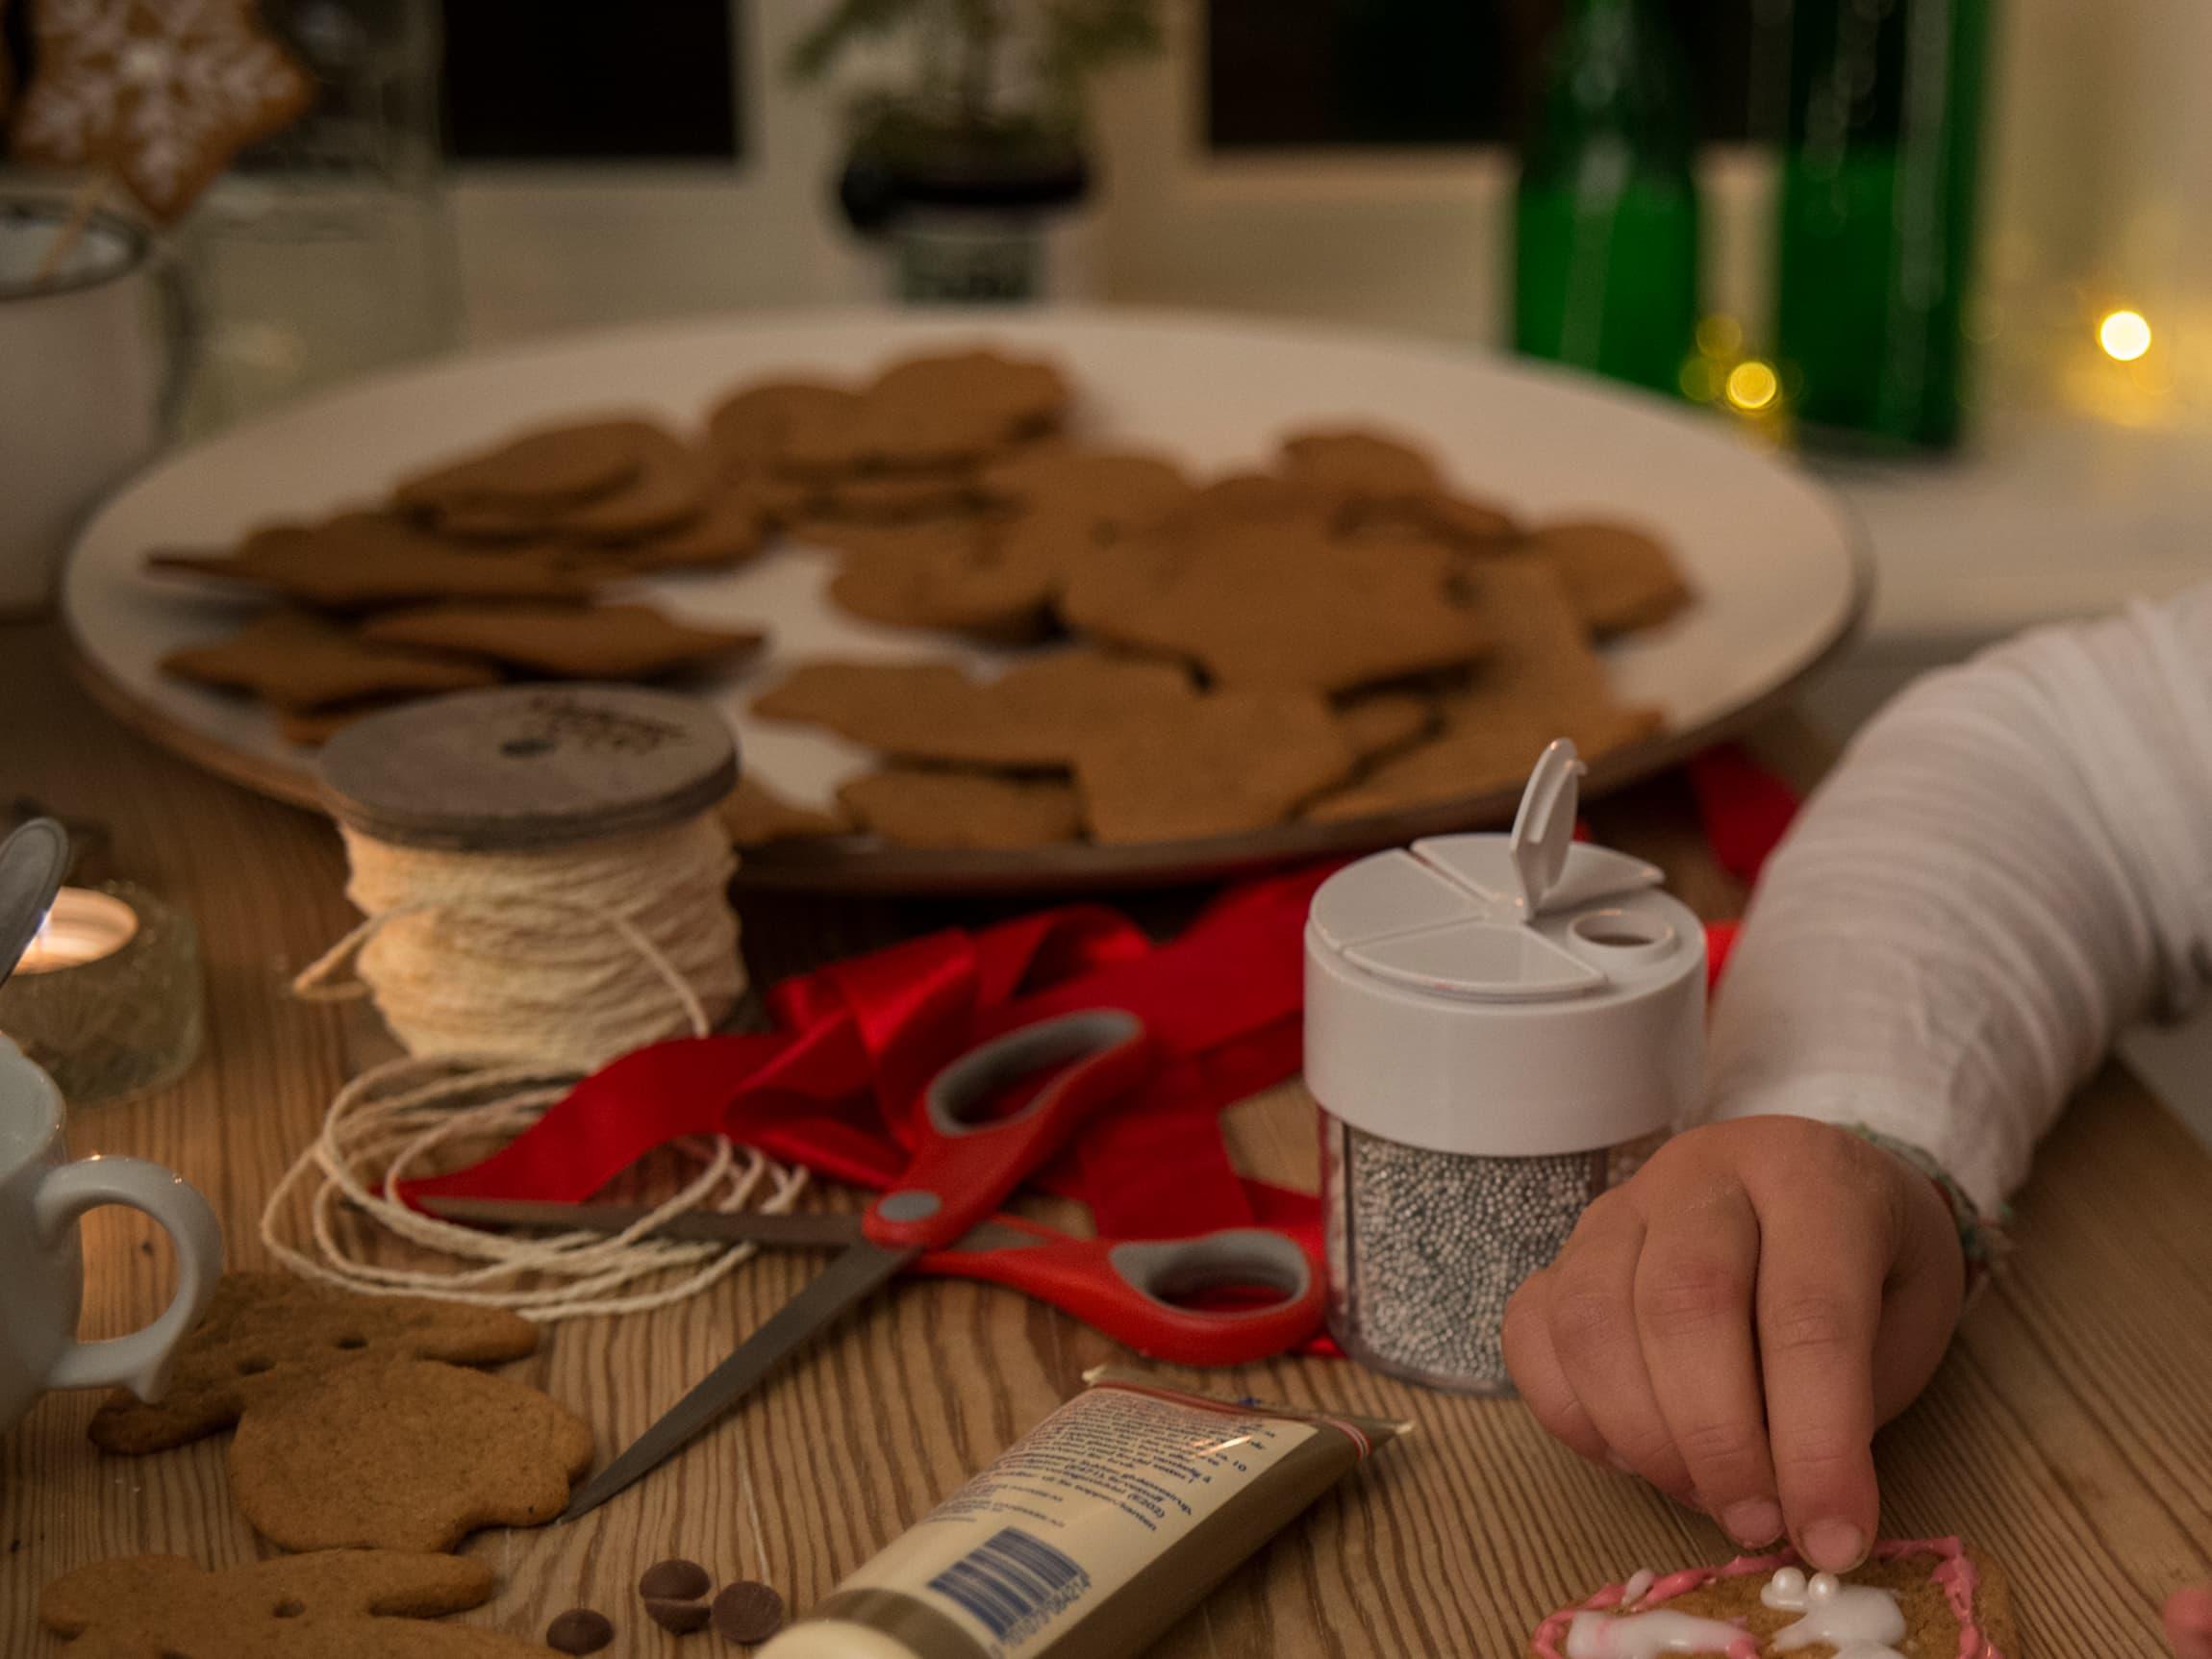 Pepperkaker og pepperkakebaking hører julen til. La barna ta en del i julebaksten - det er jo så morsomt å bake og pynte pepperkaker!